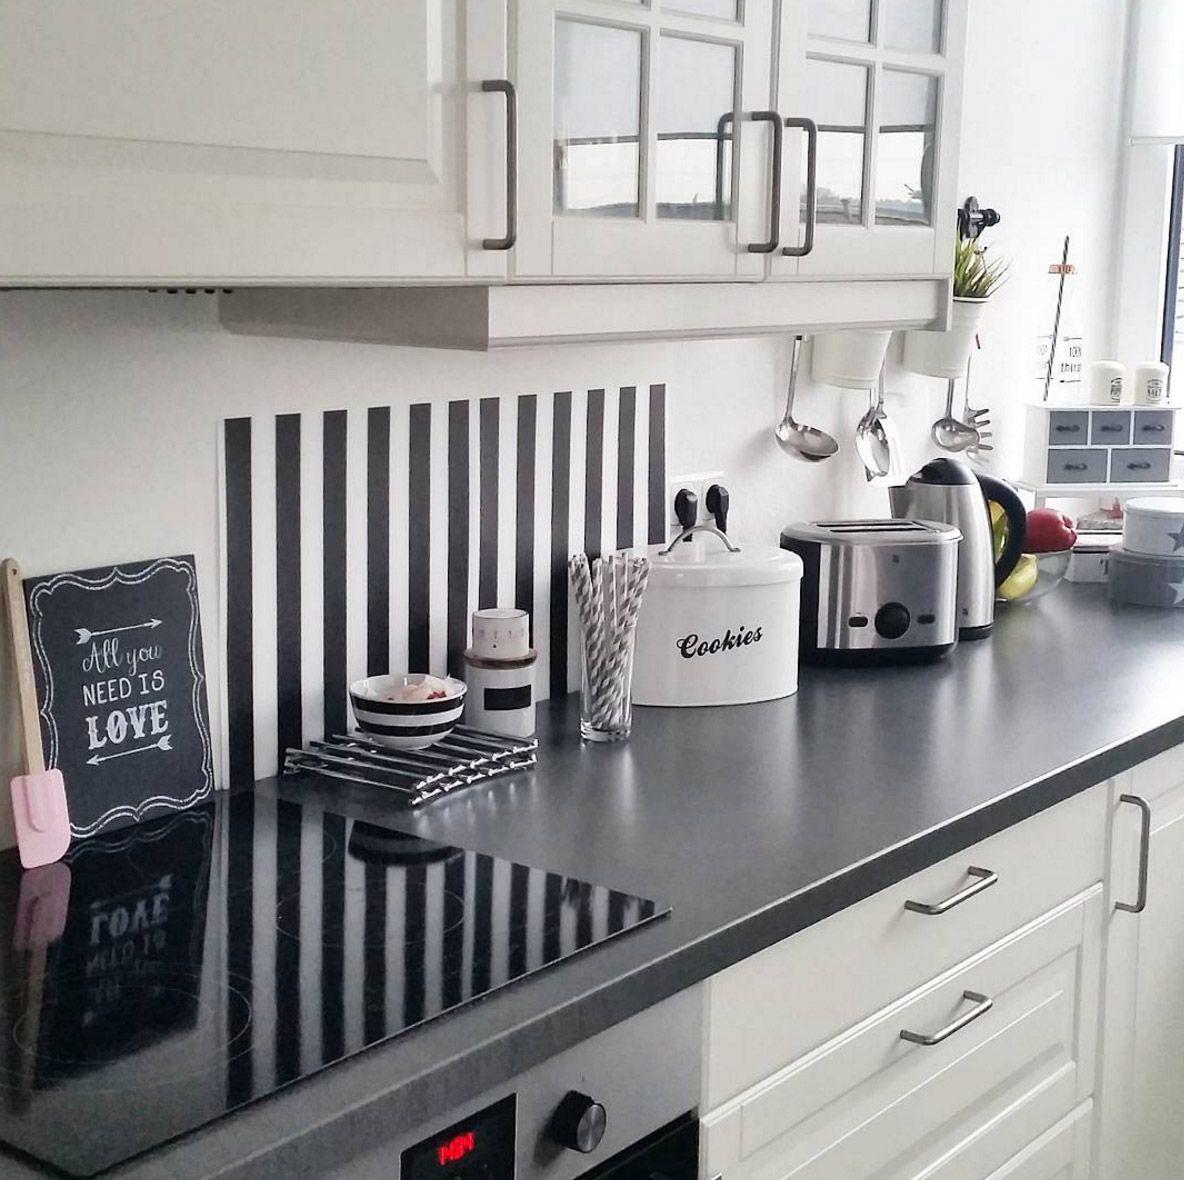 Küche Graue Arbeitsplatte: Weisse-kueche-graue-arbeitsplatte